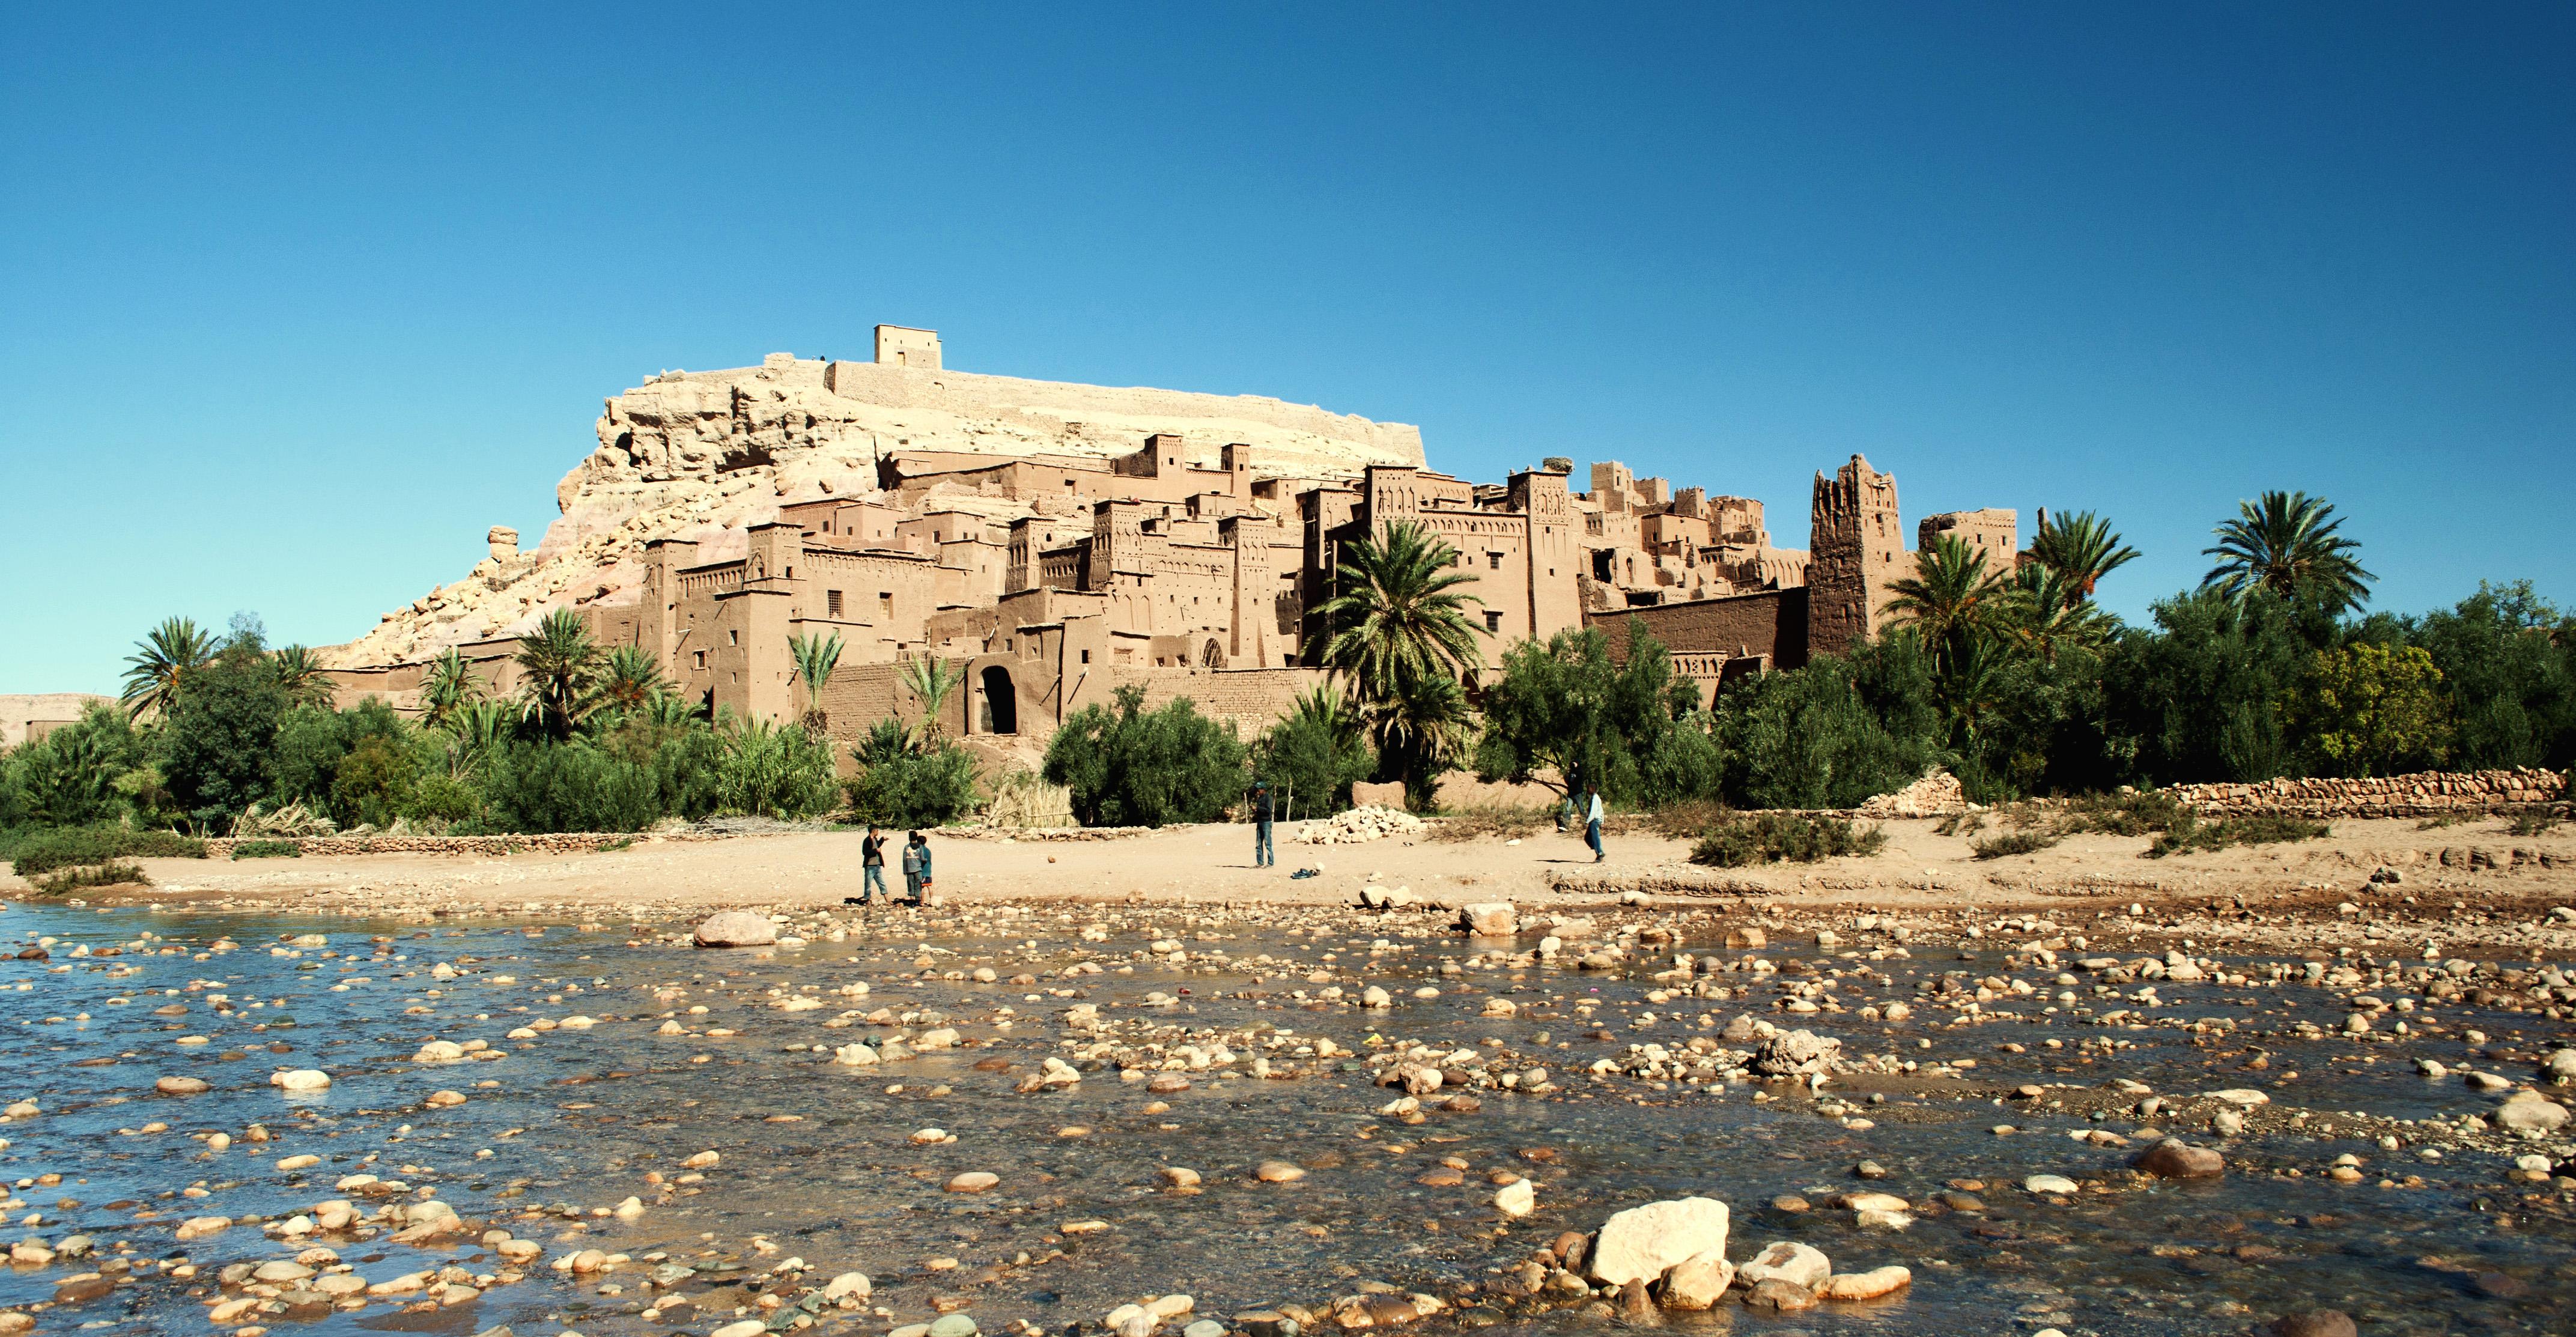 картинки города в пустыне картинка представляет собой